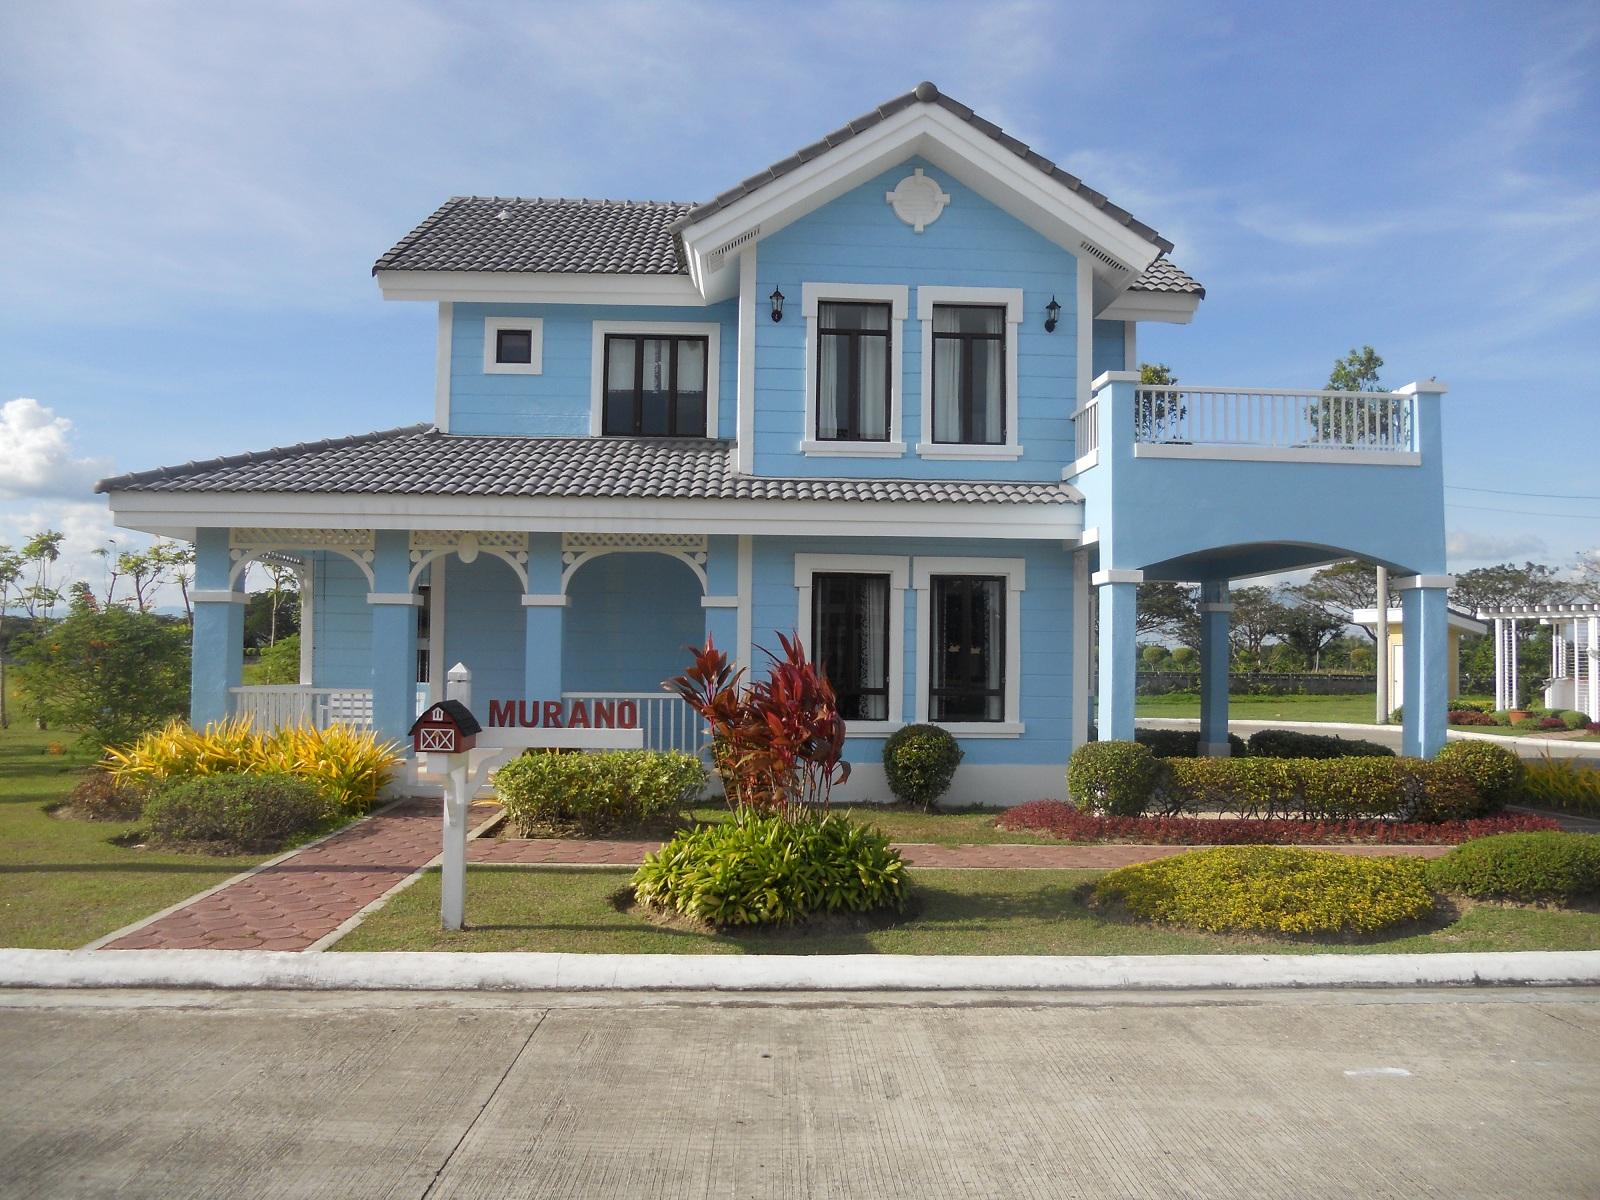 Crest home designs inc - House design plans